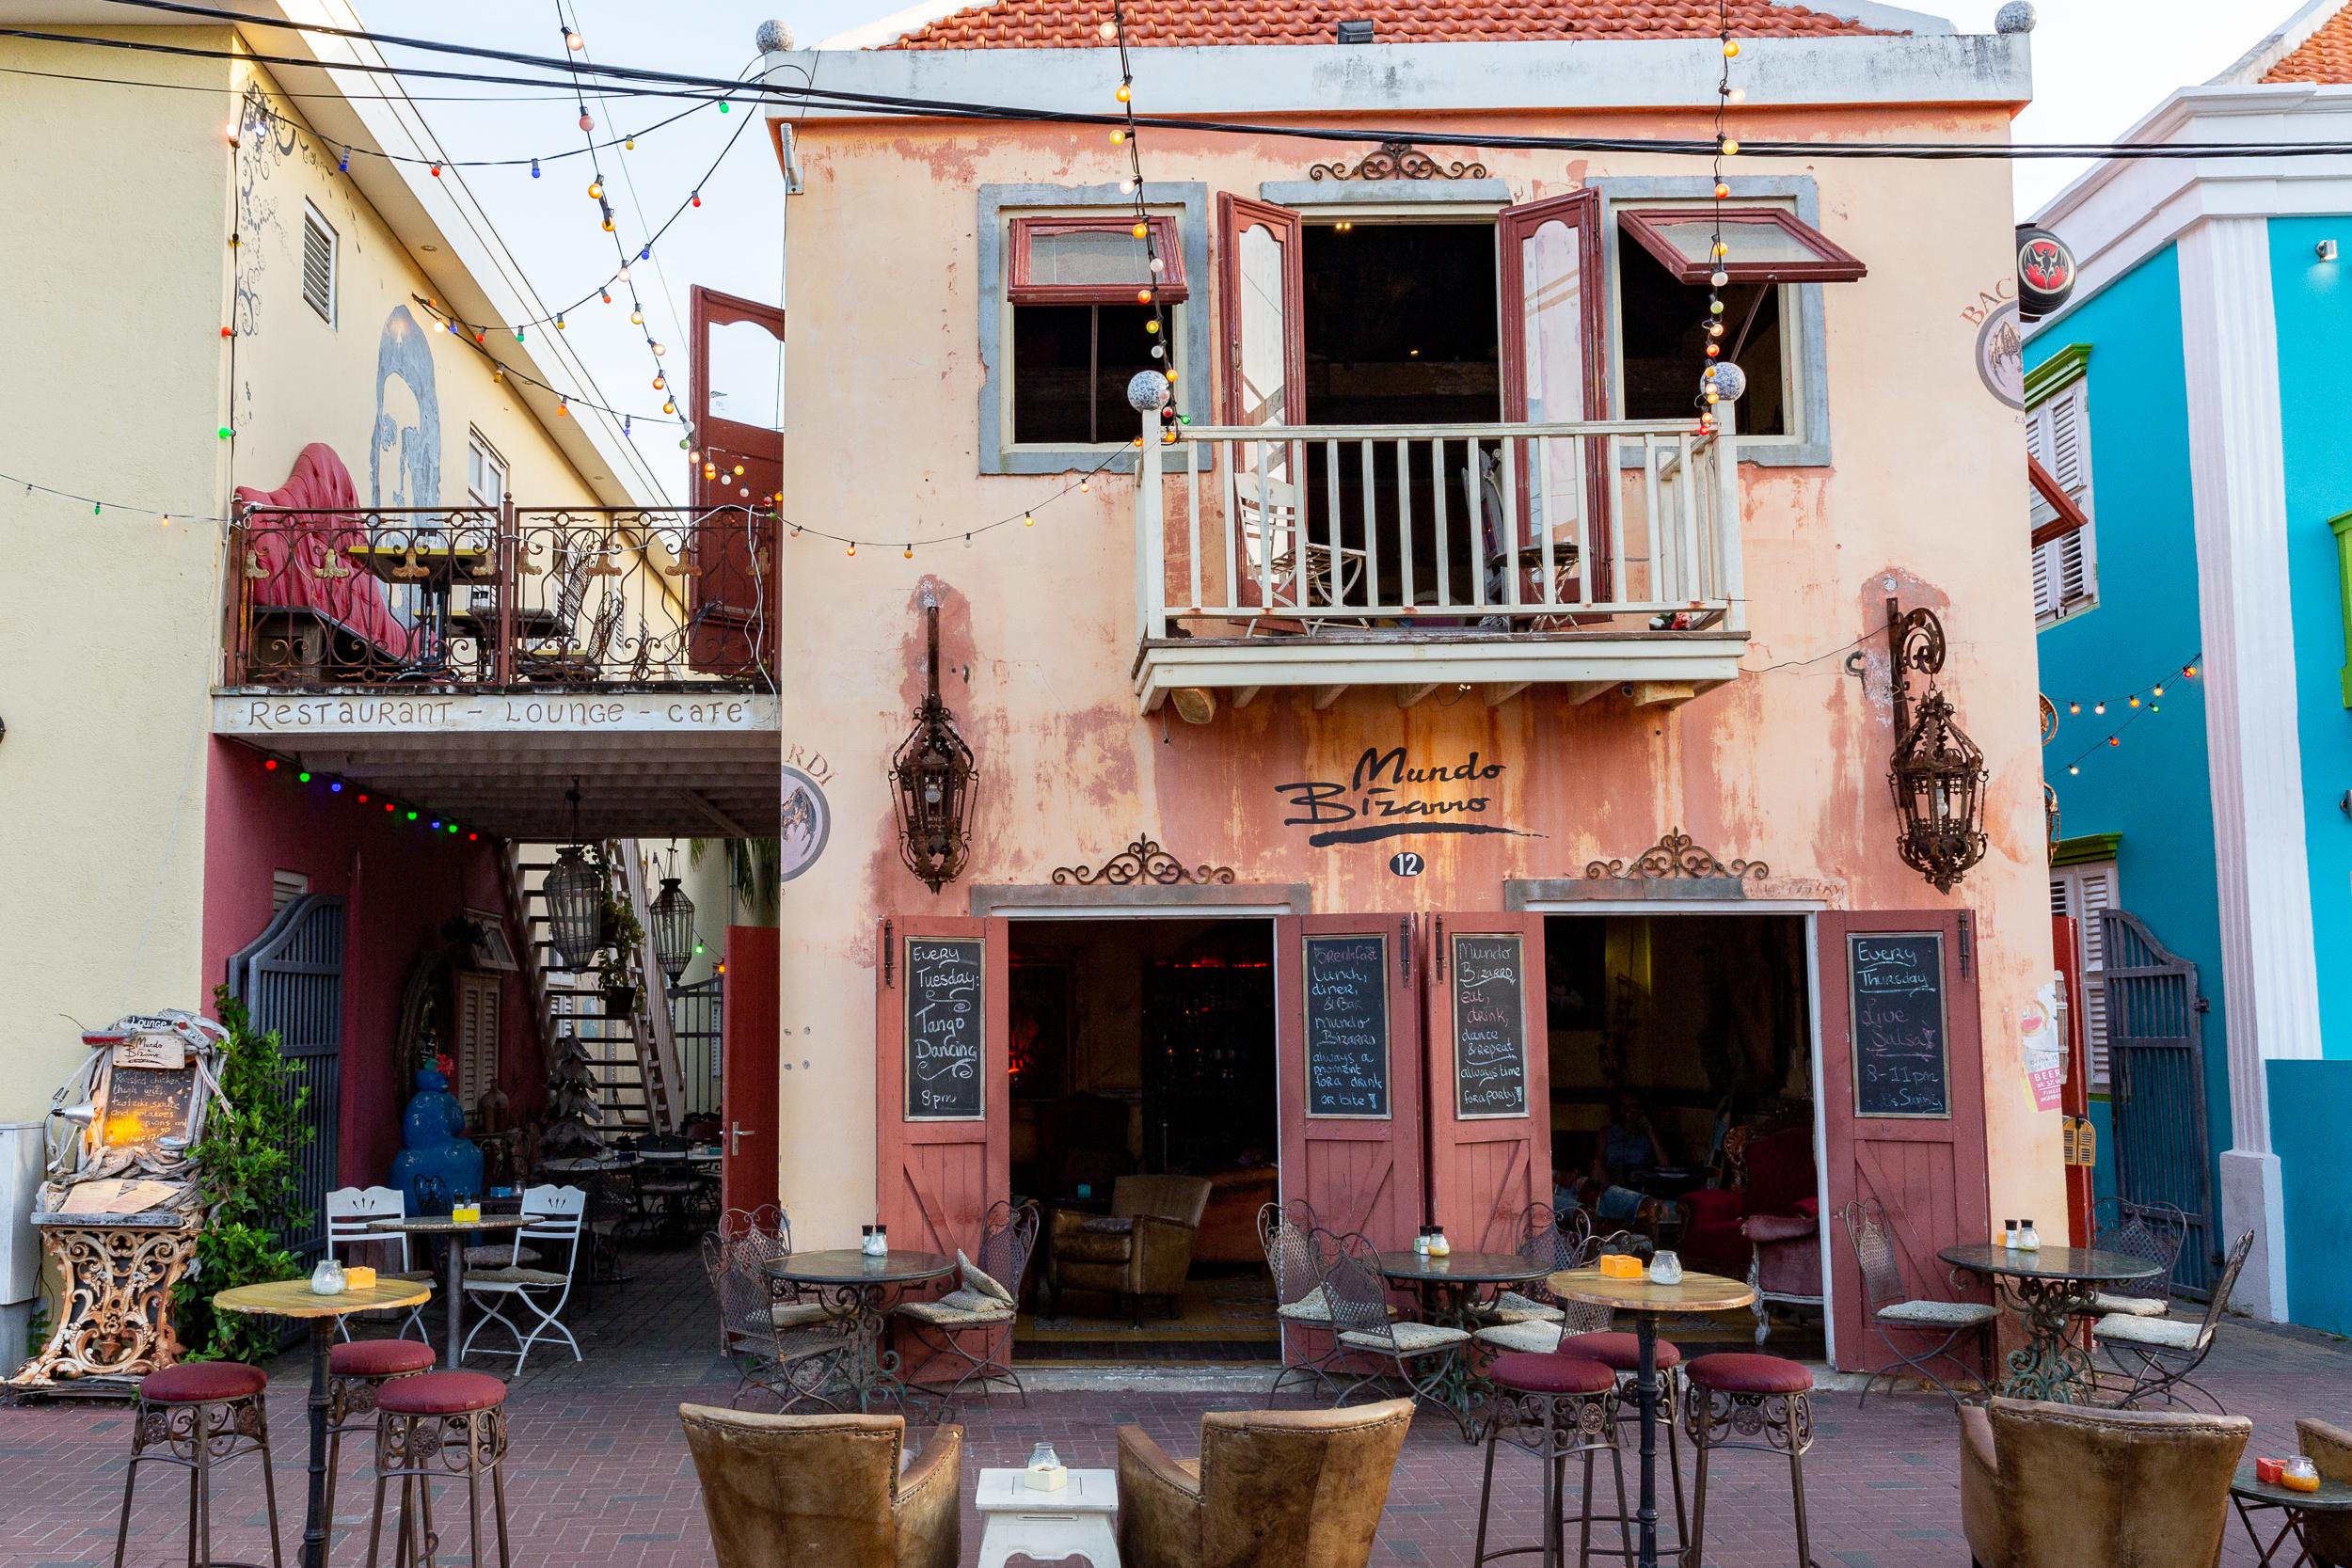 Café Mundo Bizarro en el Centro Histórico de Willemstad.